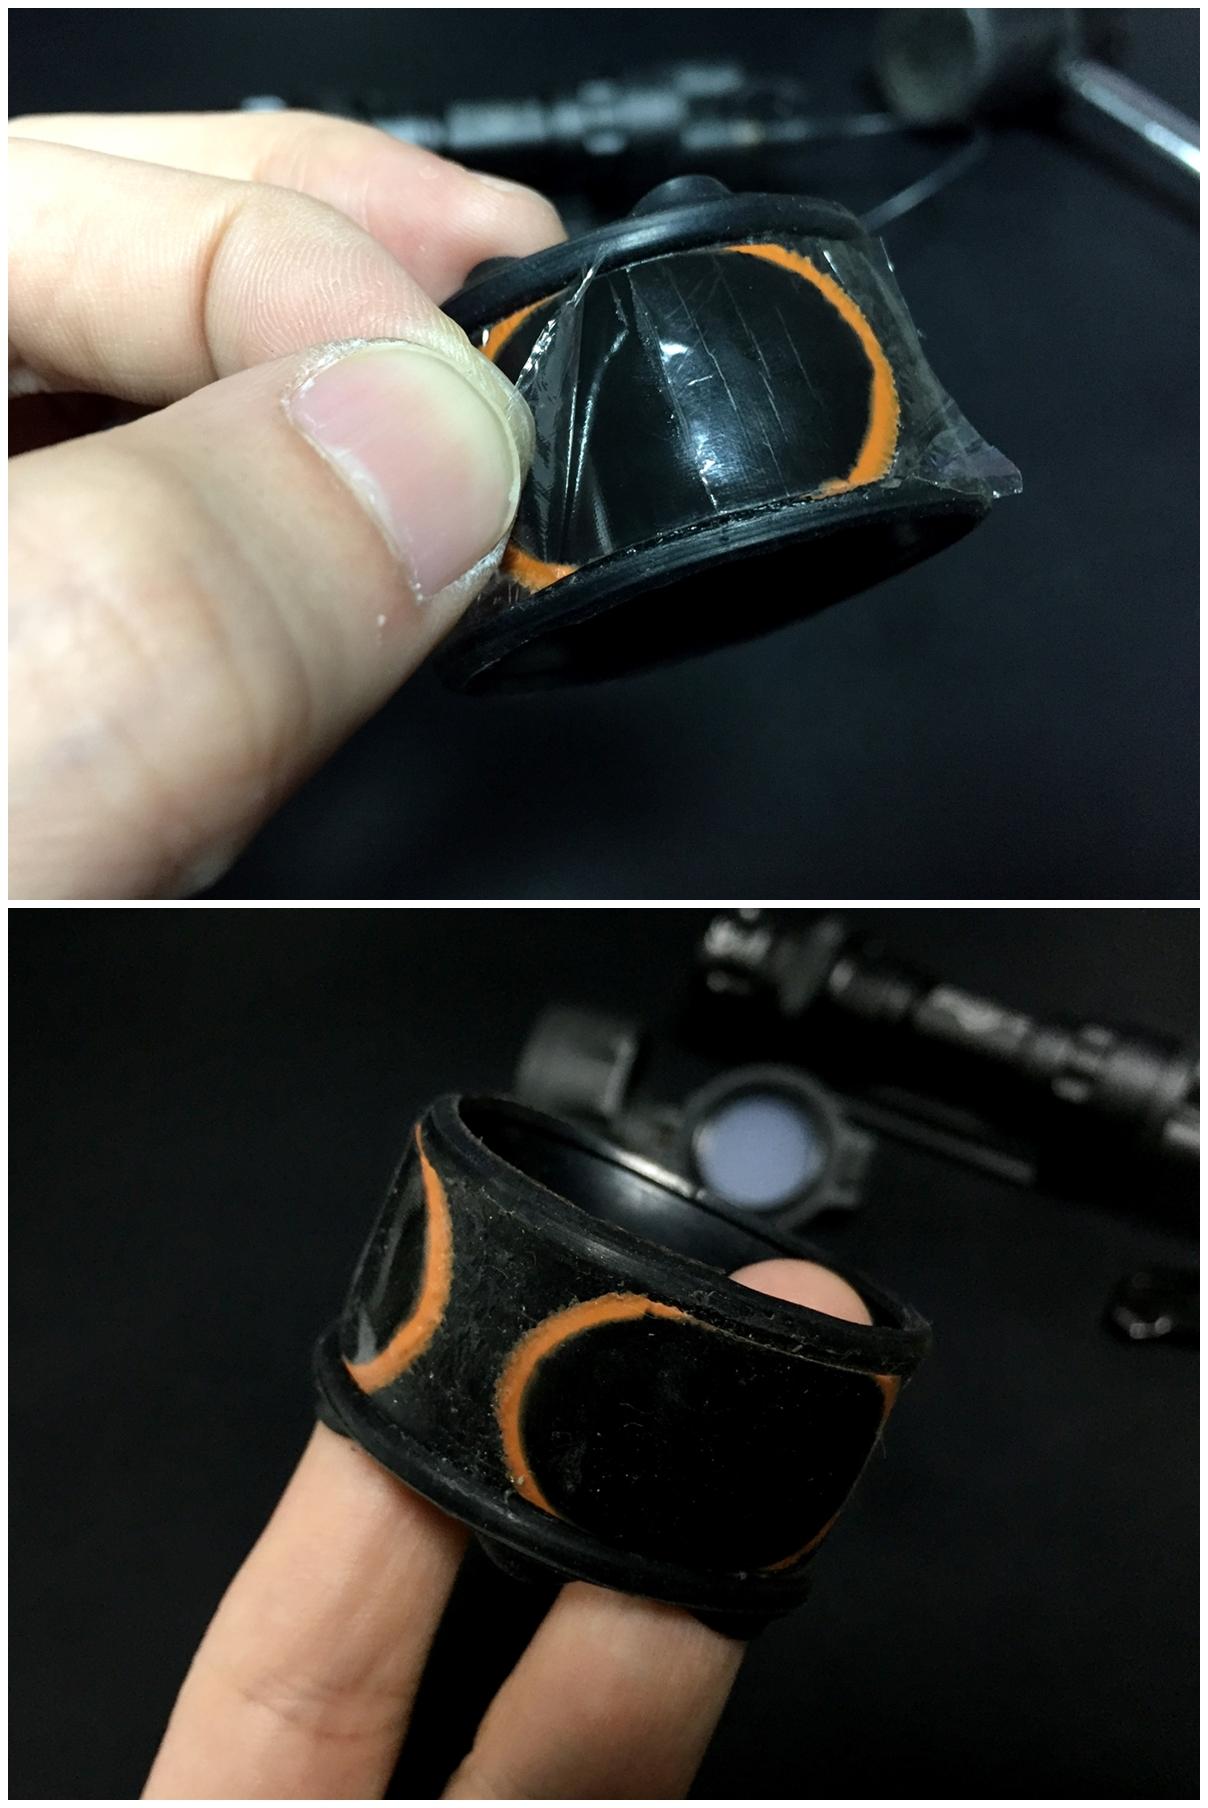 16 ELEMENT フラッシュライト ディフューザー フリップアップ式 カバー 1 47インチ 1 62インチ IRフィルター SUREFIRE タイプ レプリカ フラッシュライト カバー 比較 取付 加工 レビュー